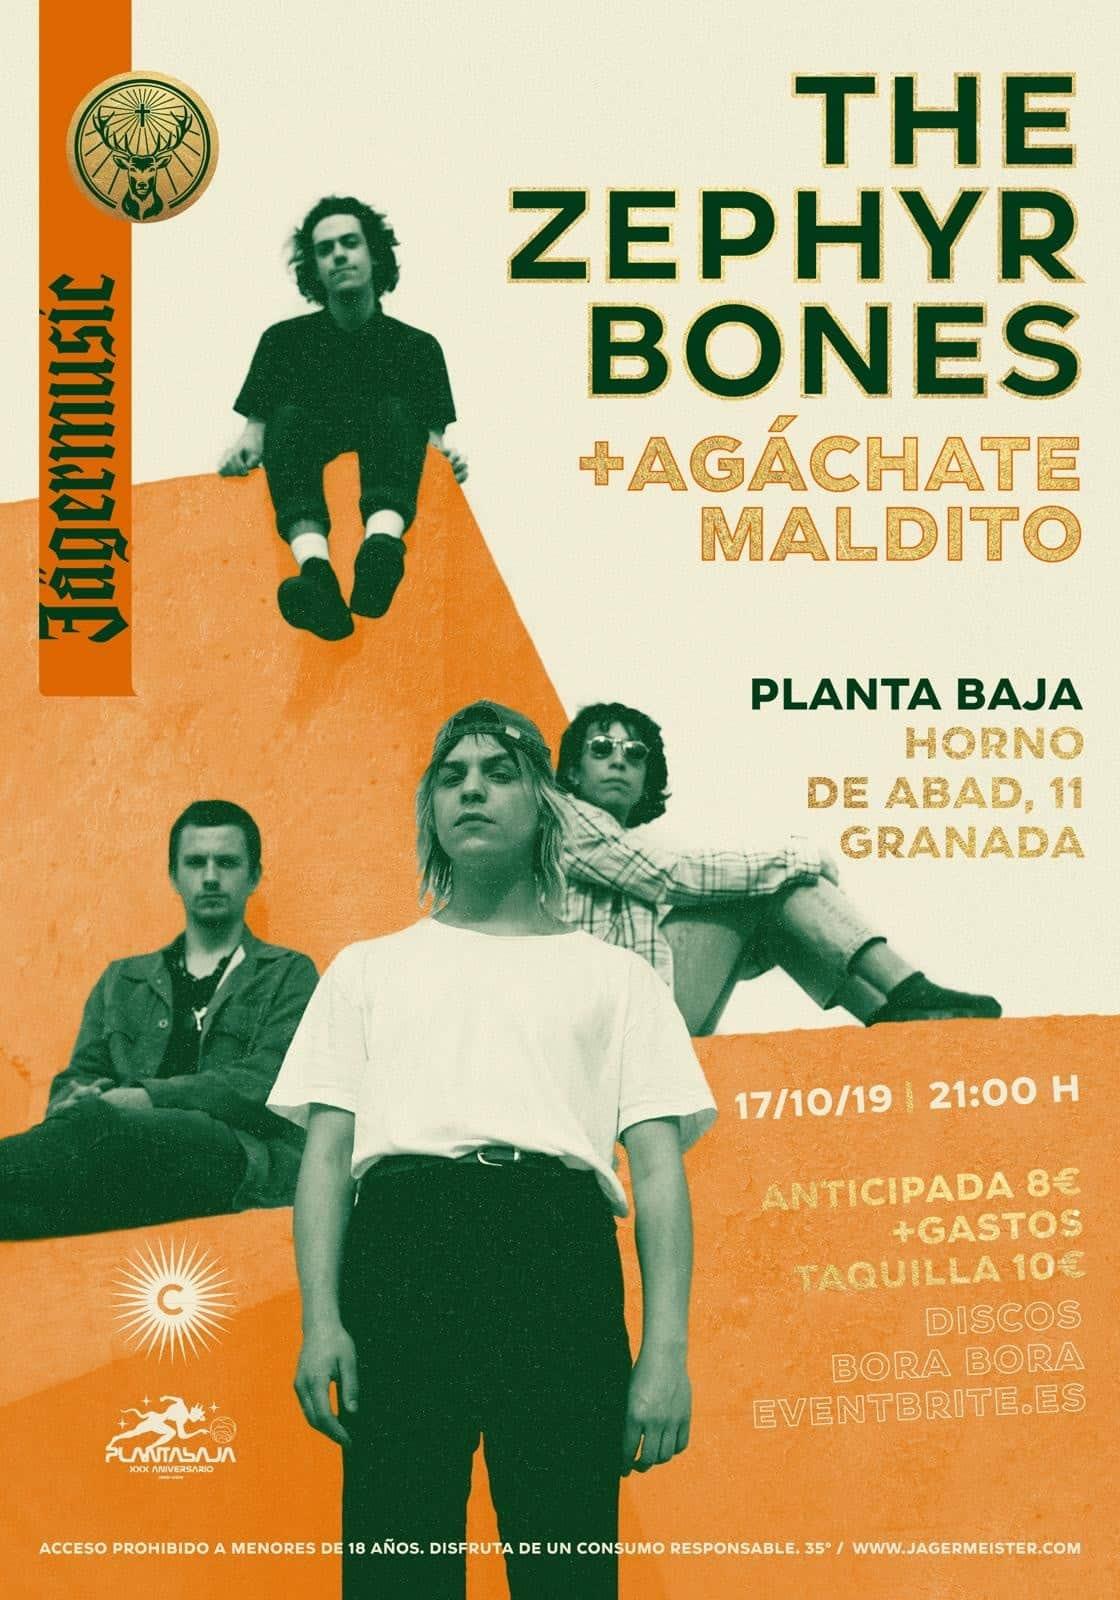 Discos Bora-Bora presenta: THE ZEPHYR BONES + AGÁCHATE MALDITO Planta Baja